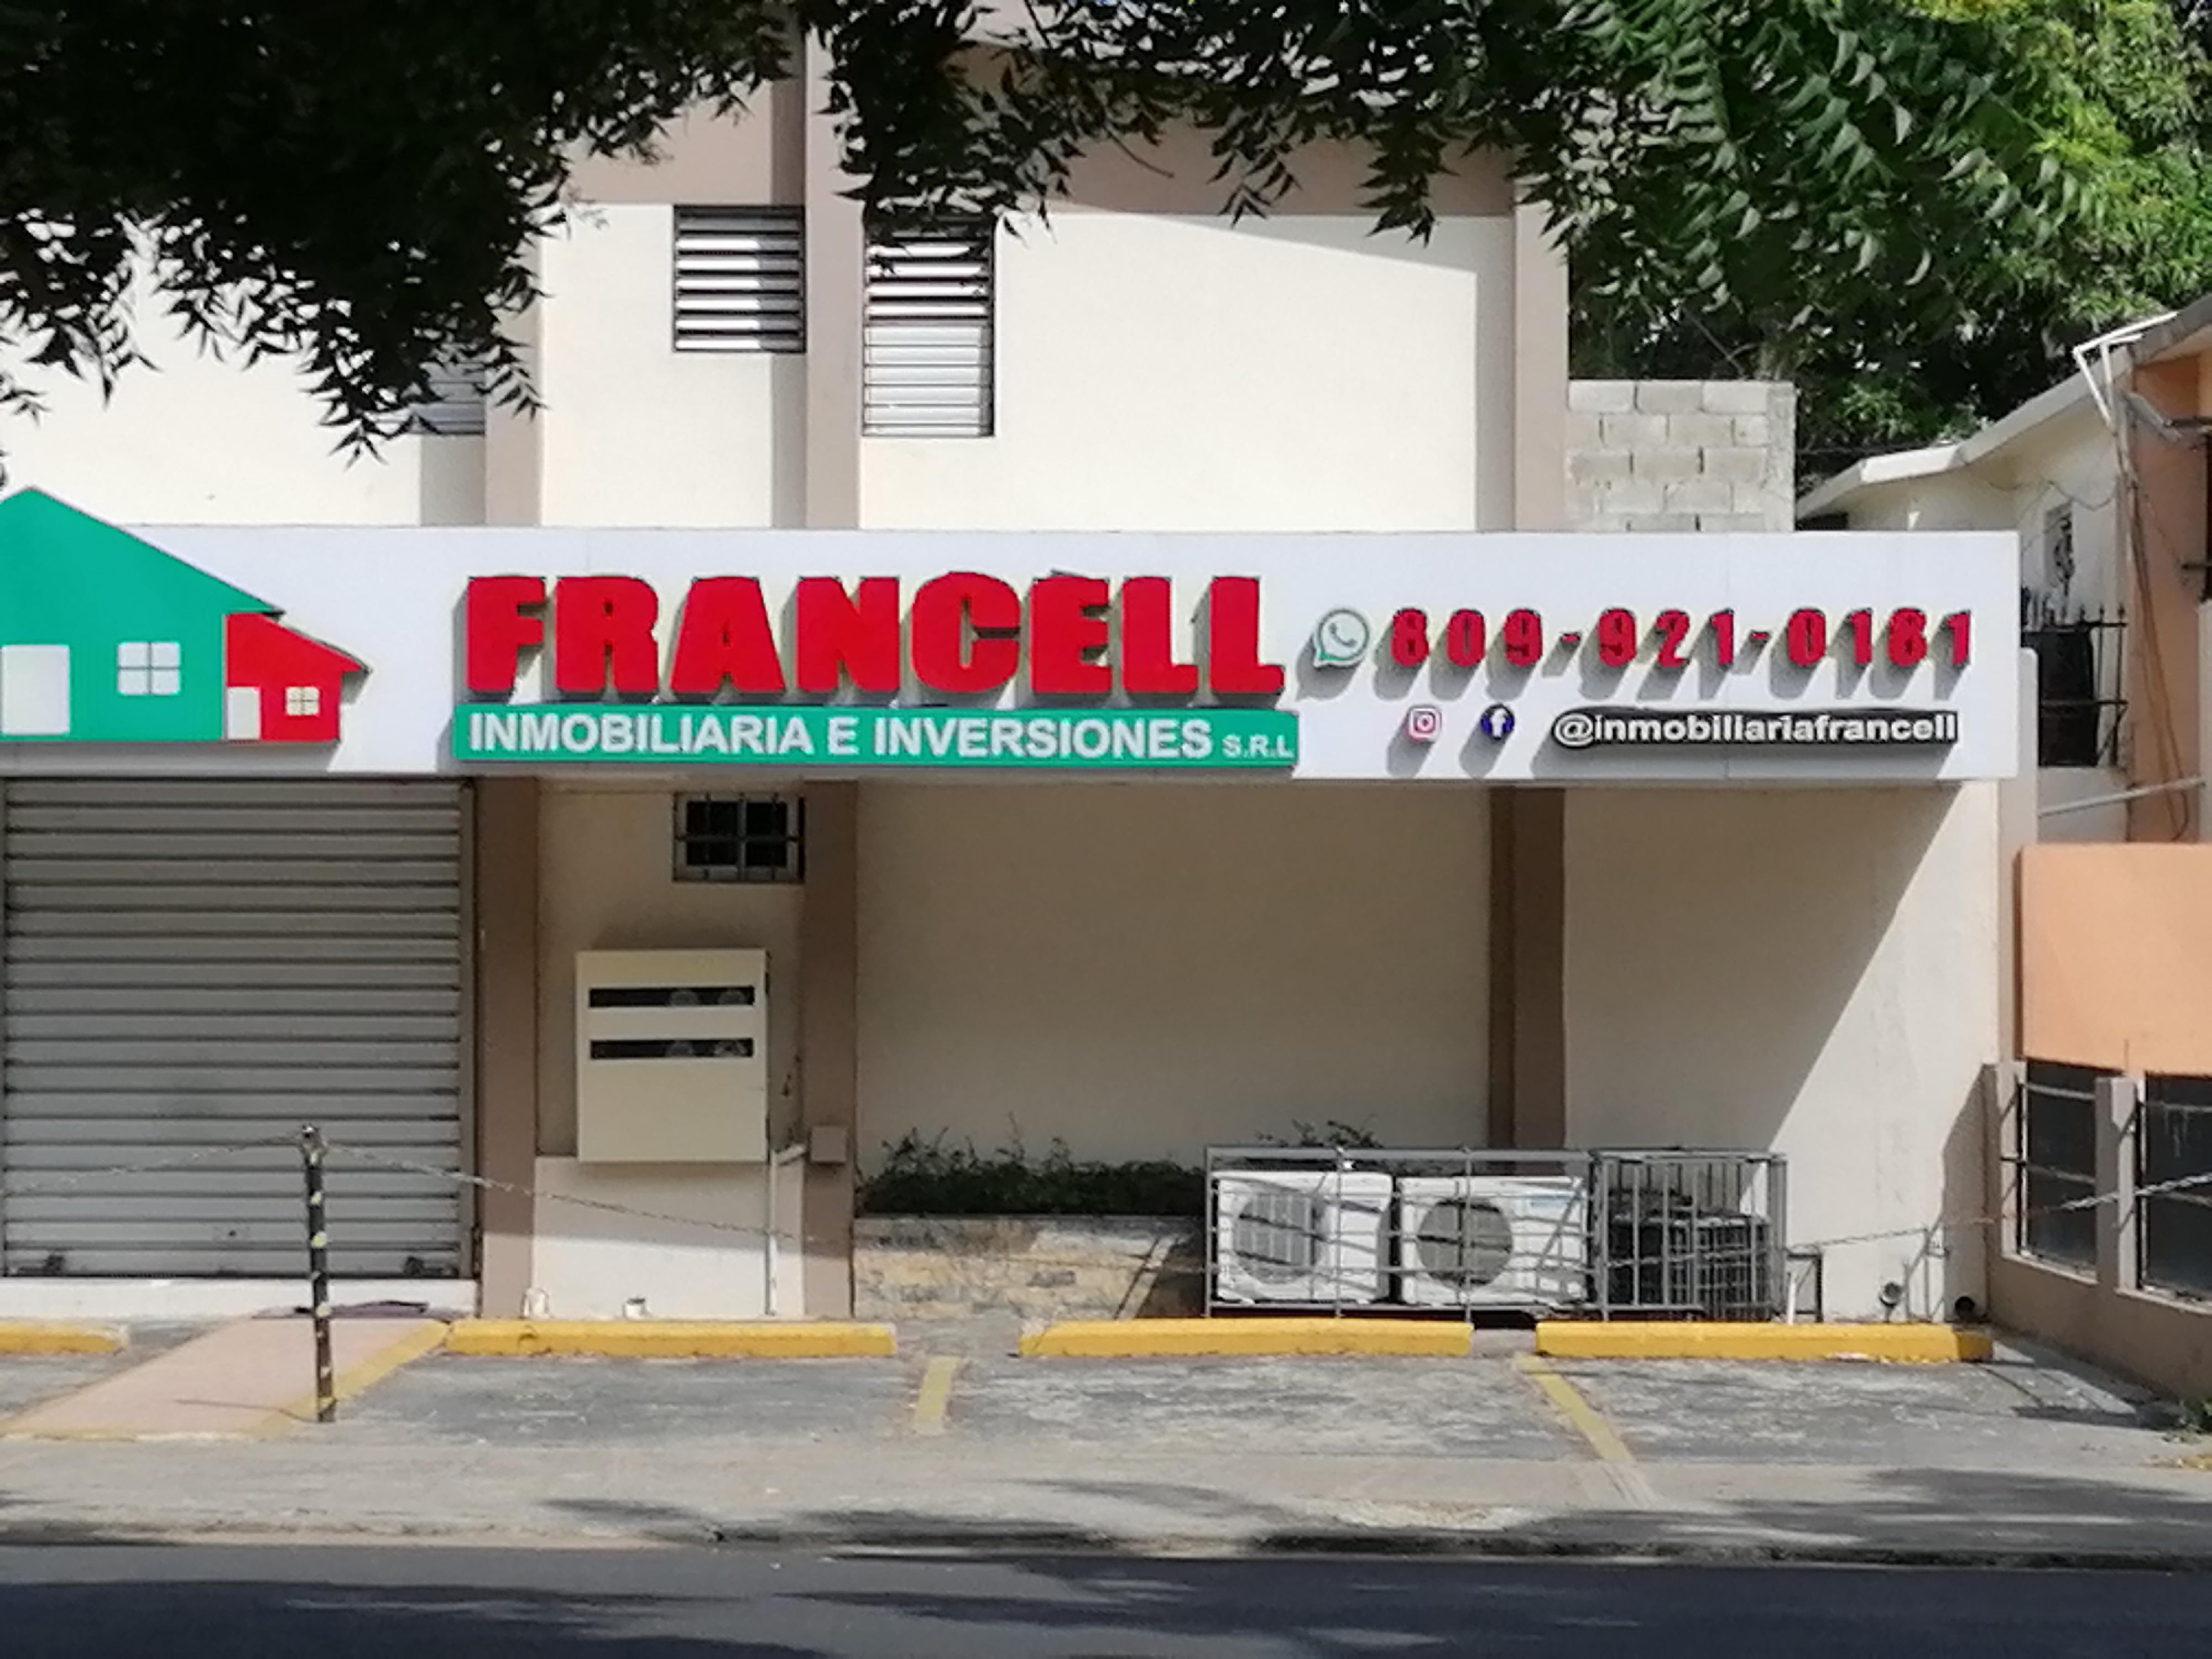 Francell INMOBILIARIA E INVERSIONES